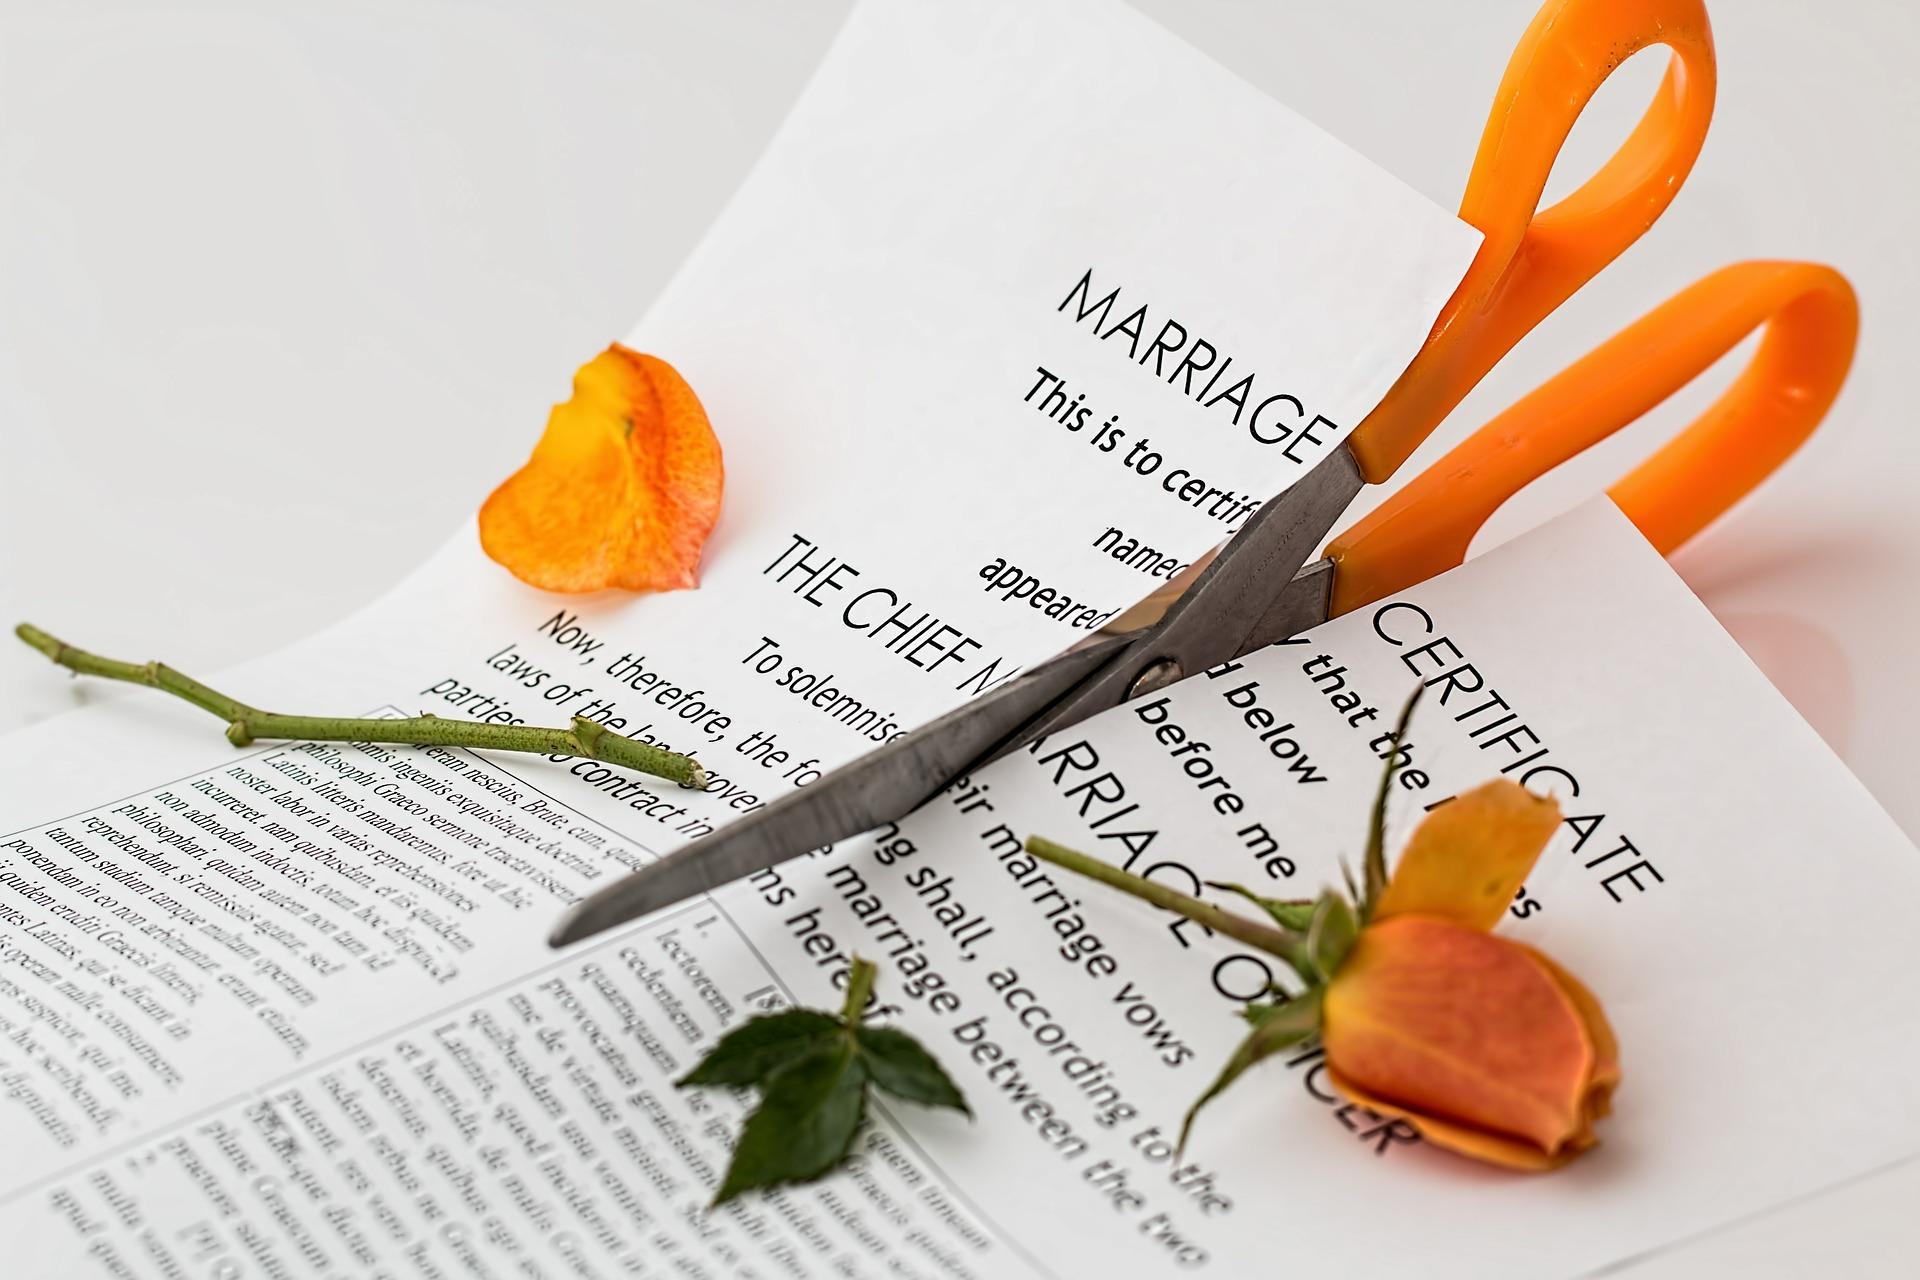 Rozvod bez právníka přináší zbytečné starosti navíc